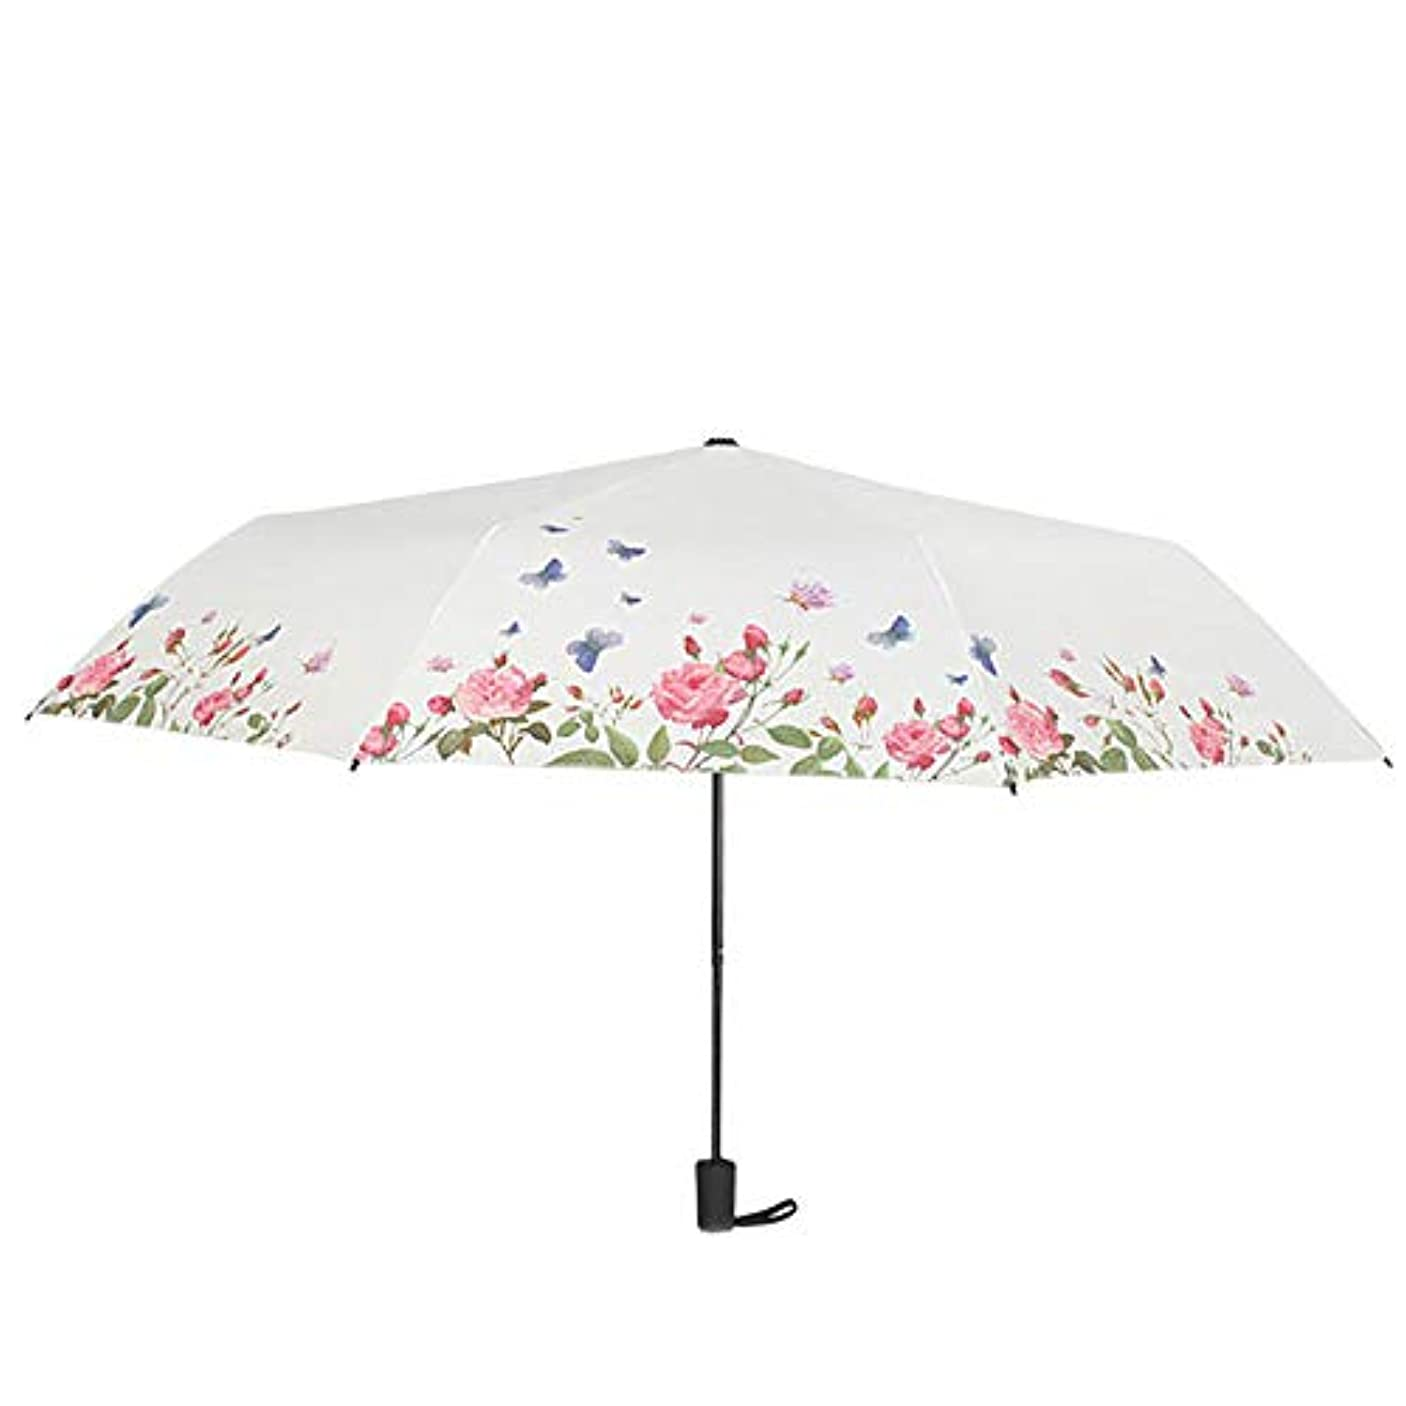 私のボランティア危険なバタフライラブフラワー傘小さな花の手の影響布傘、晴れや雨の日に適して